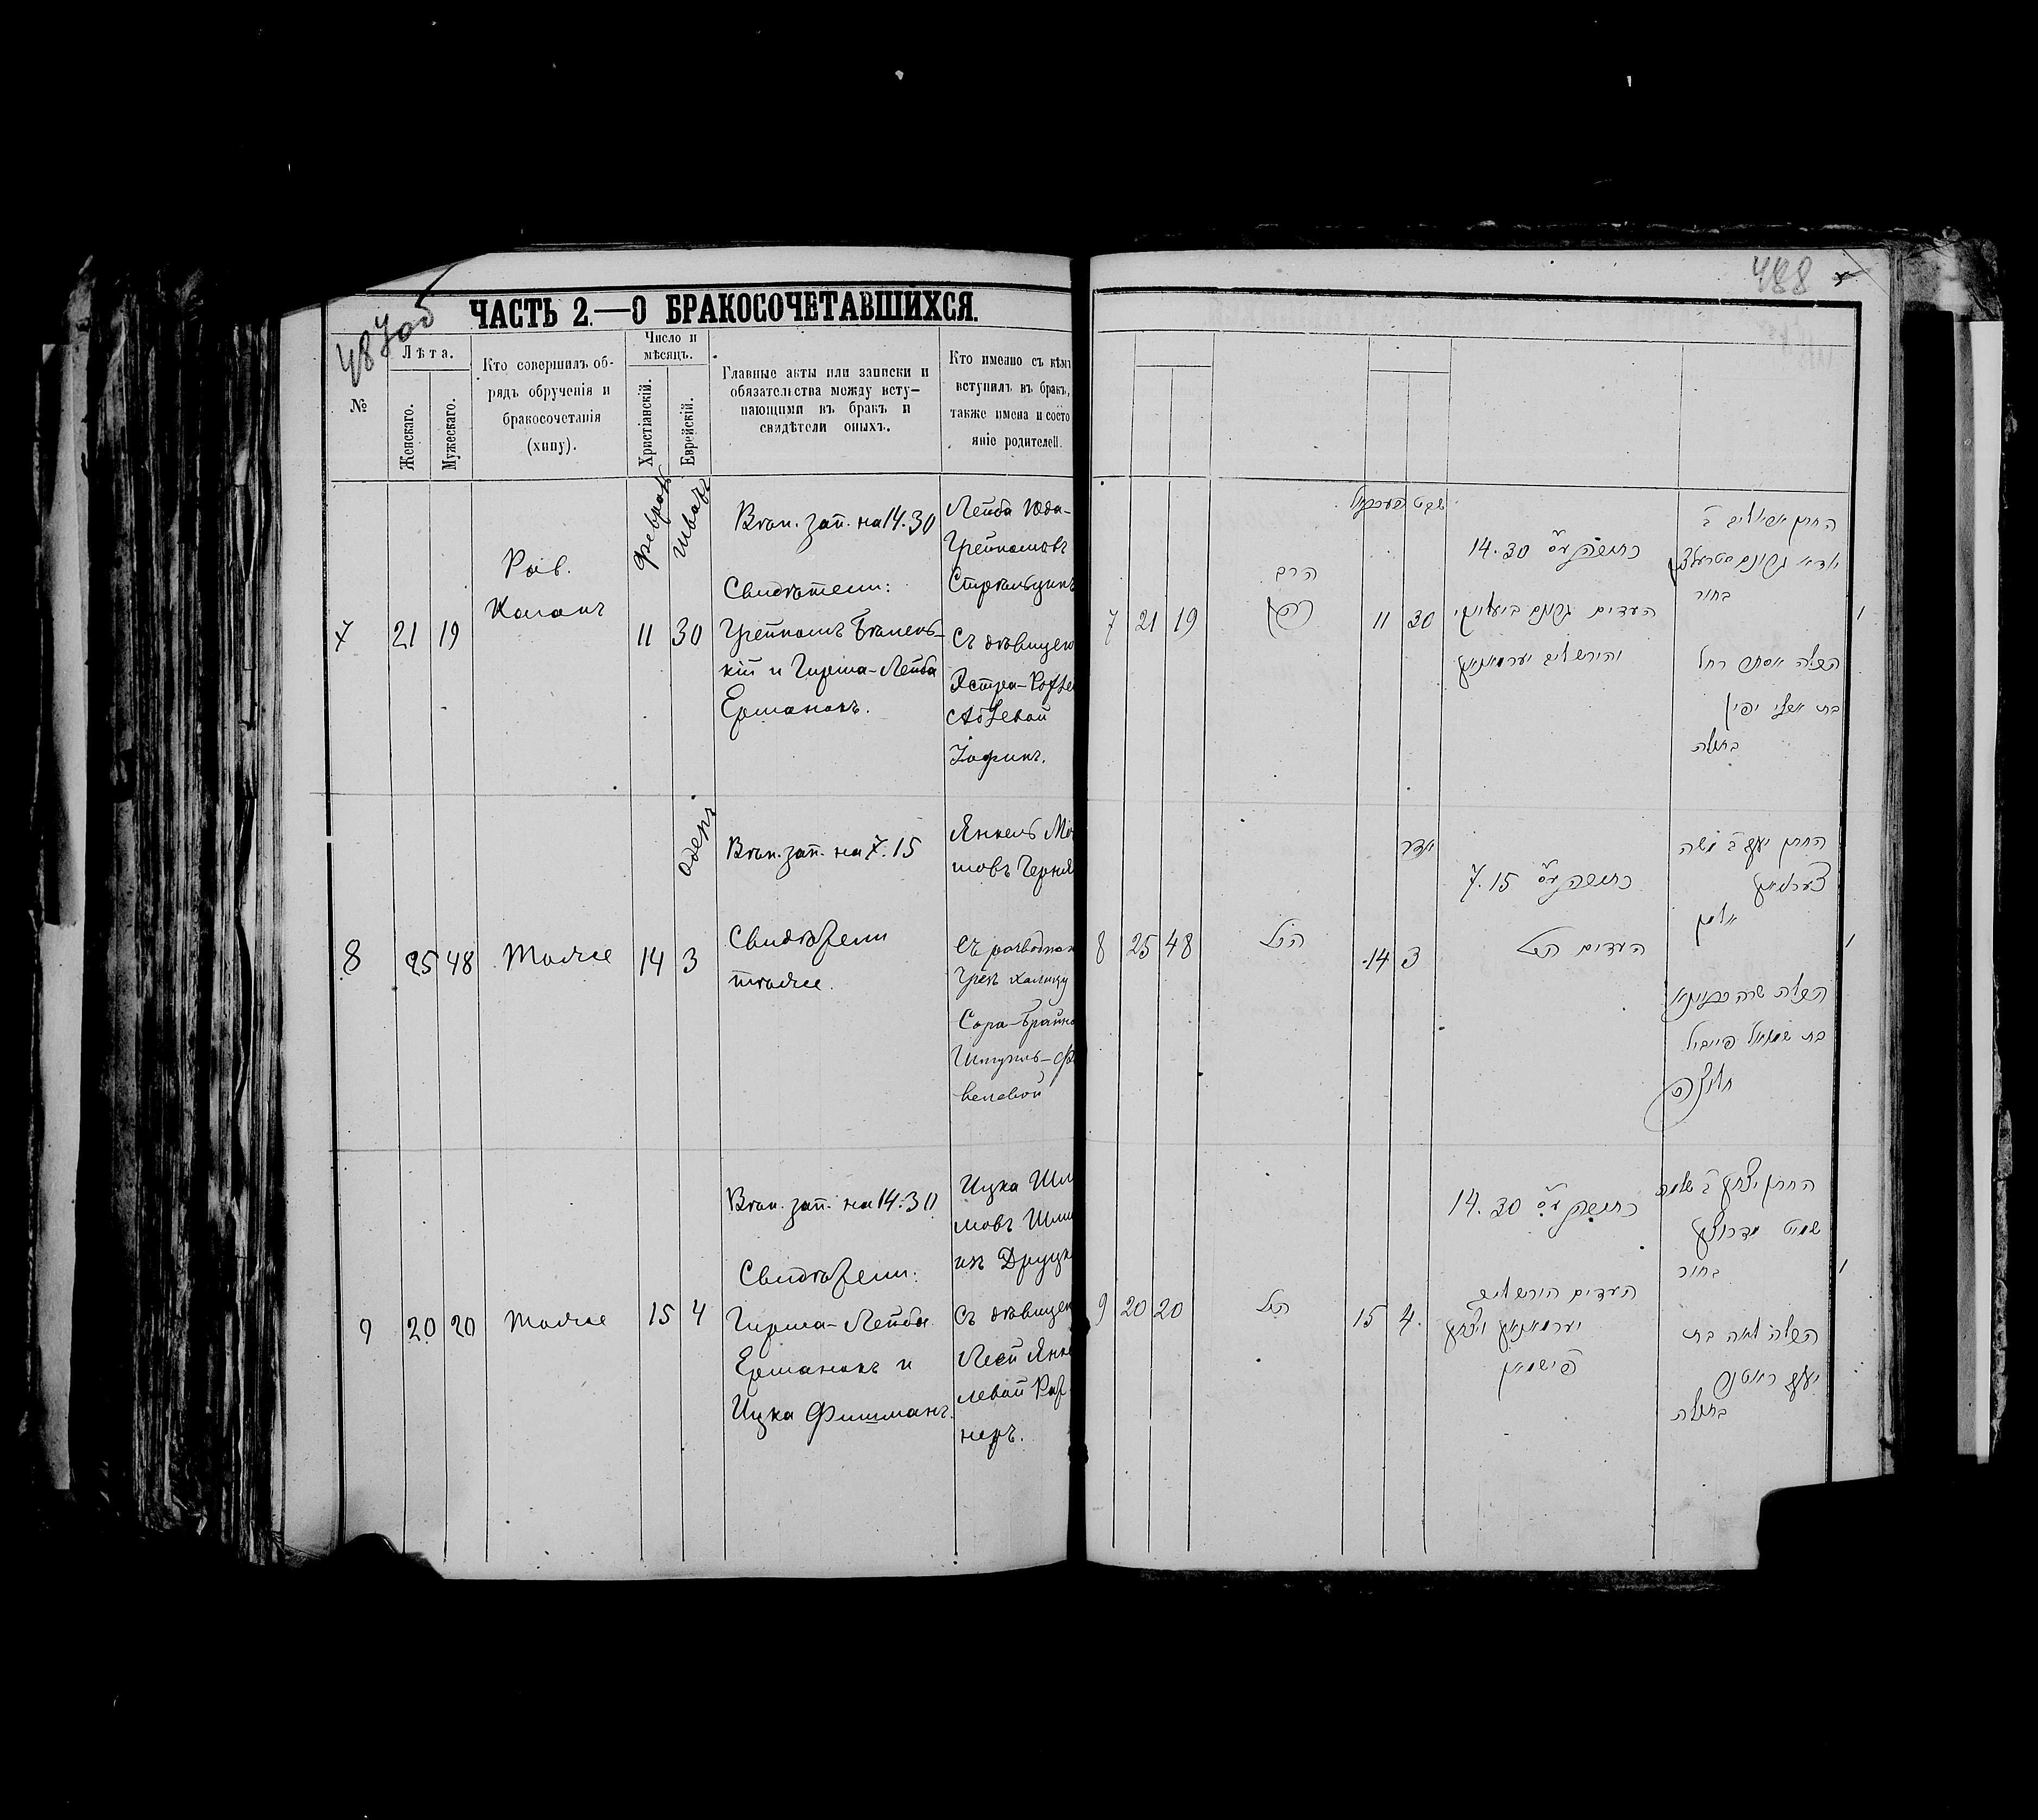 Арье Лейб Юда-Гронимович Стрельцын с Эстрой-Рохлей Абрам-Абелевной Йофиной 11 февраля 1879, запись 7, пленка 007766479, снимок 862